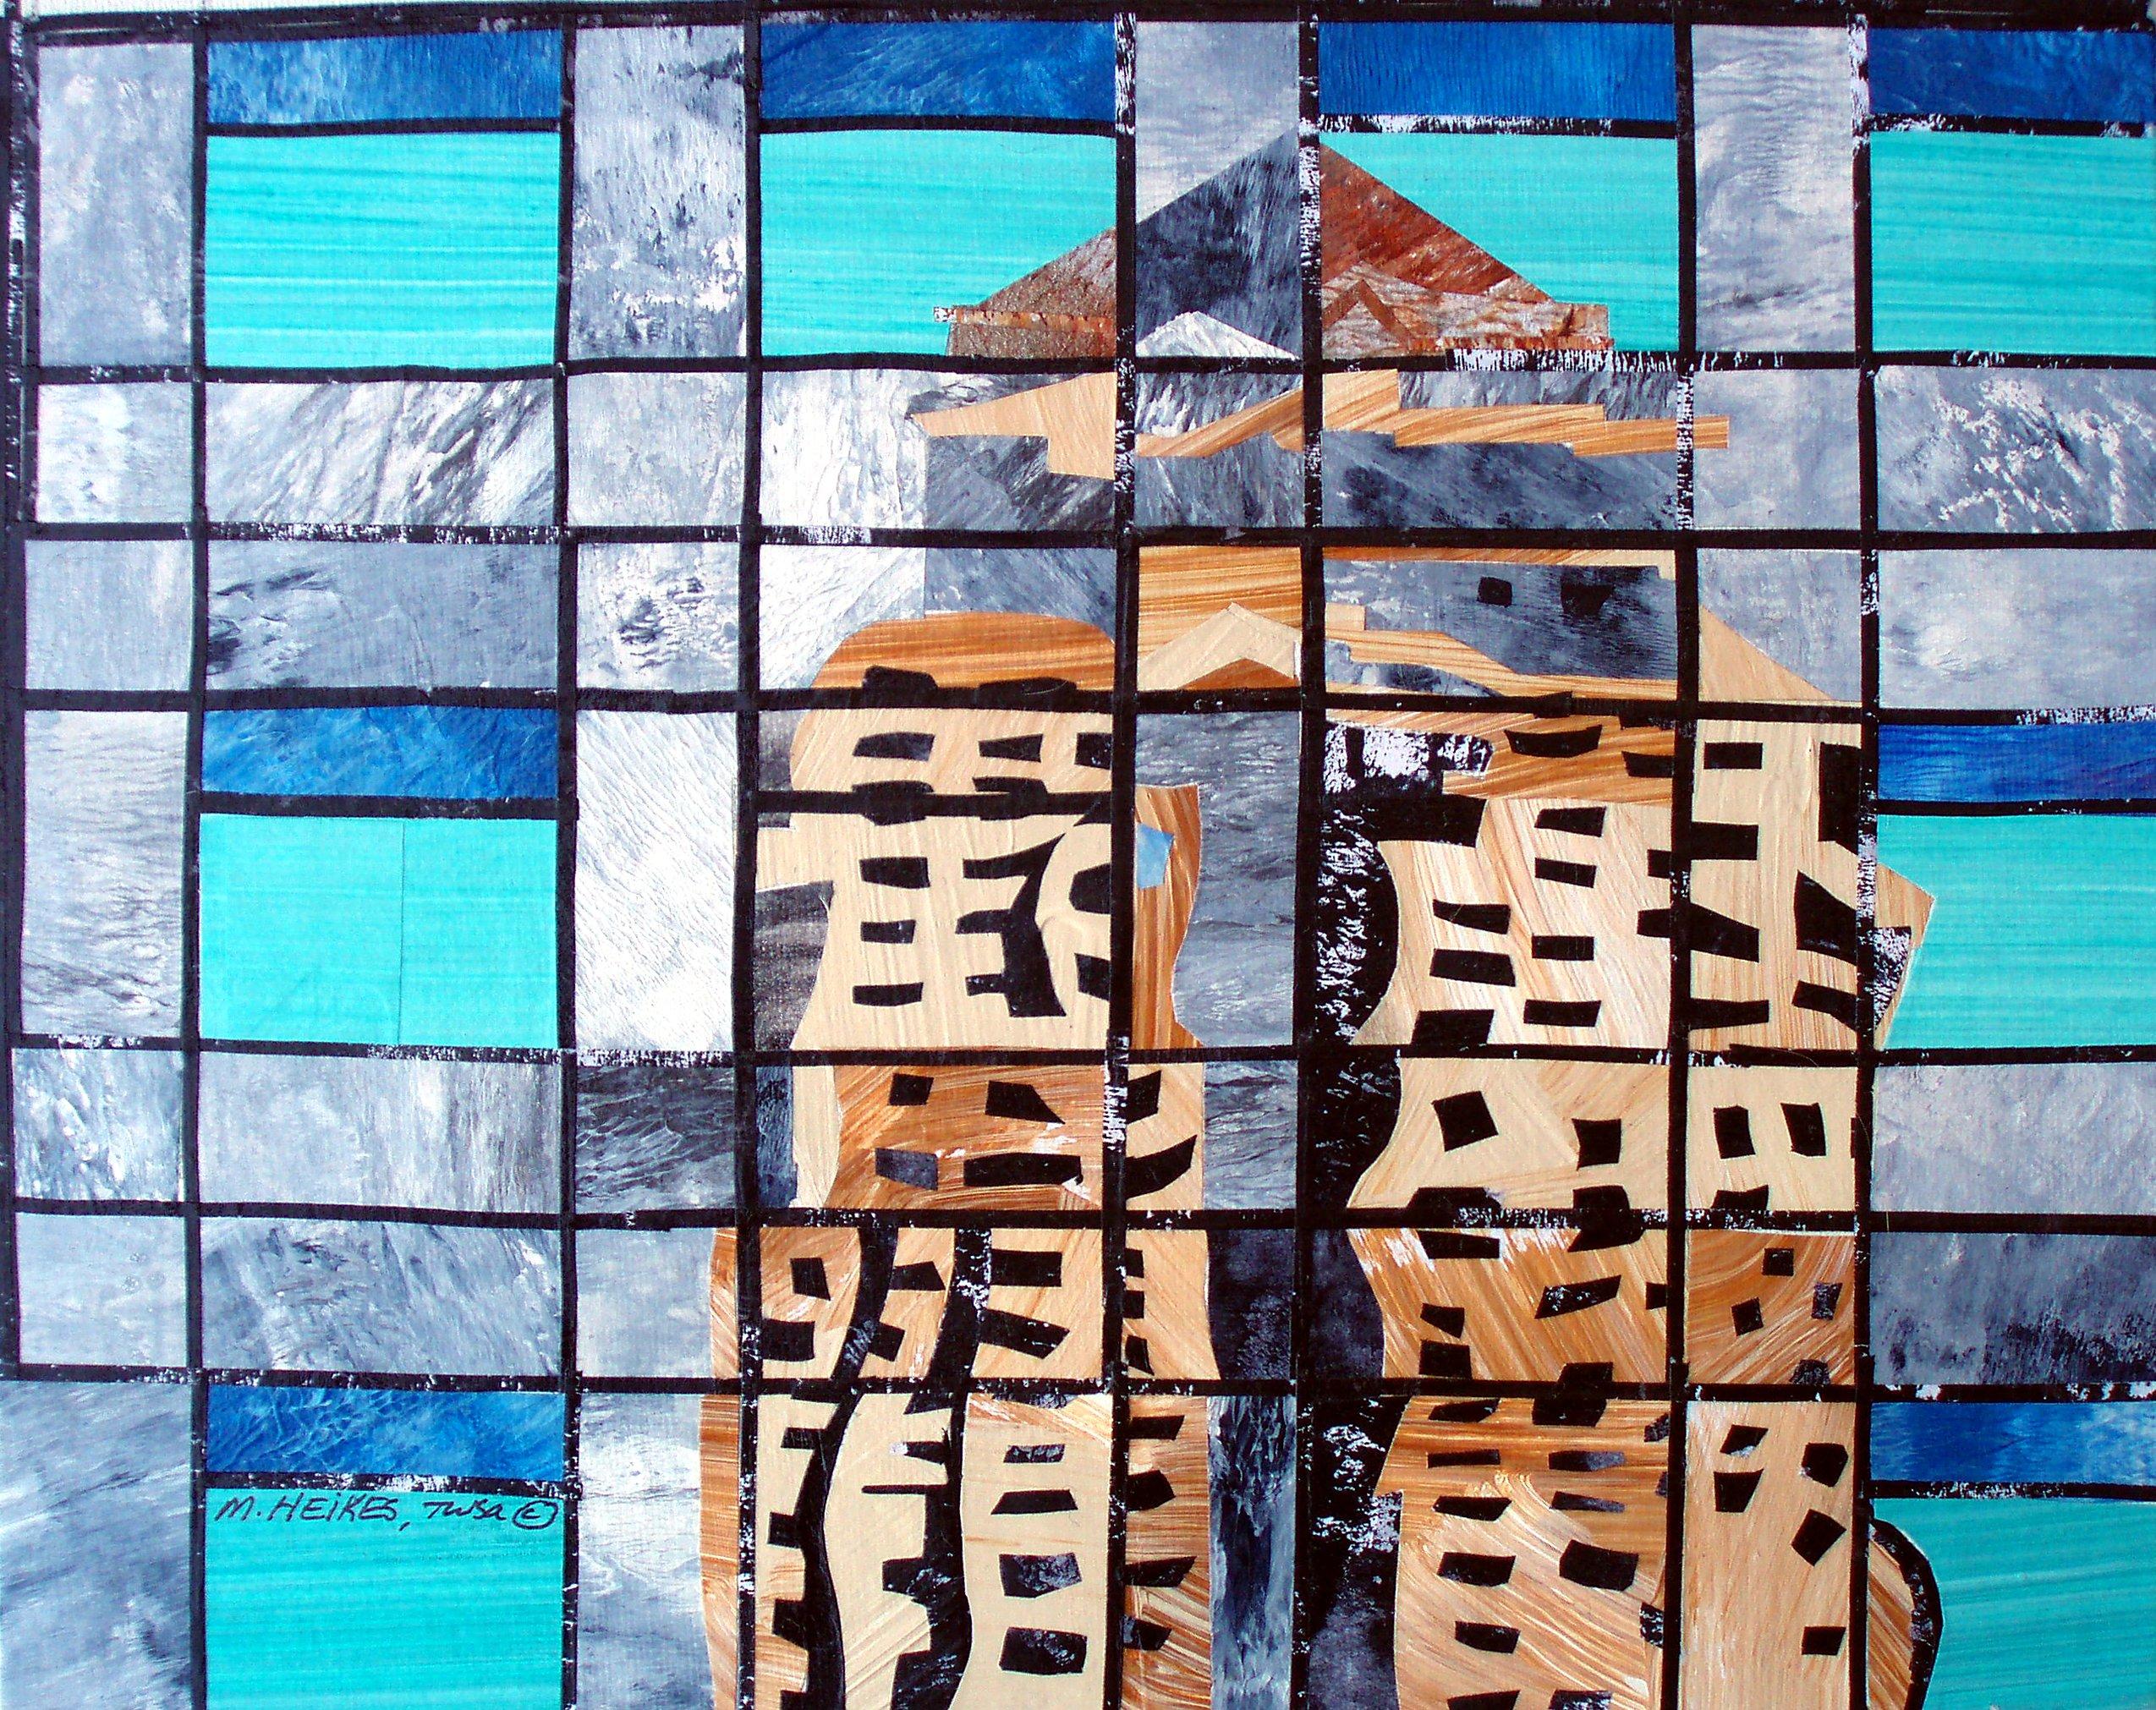 Mondrian's Des Moines